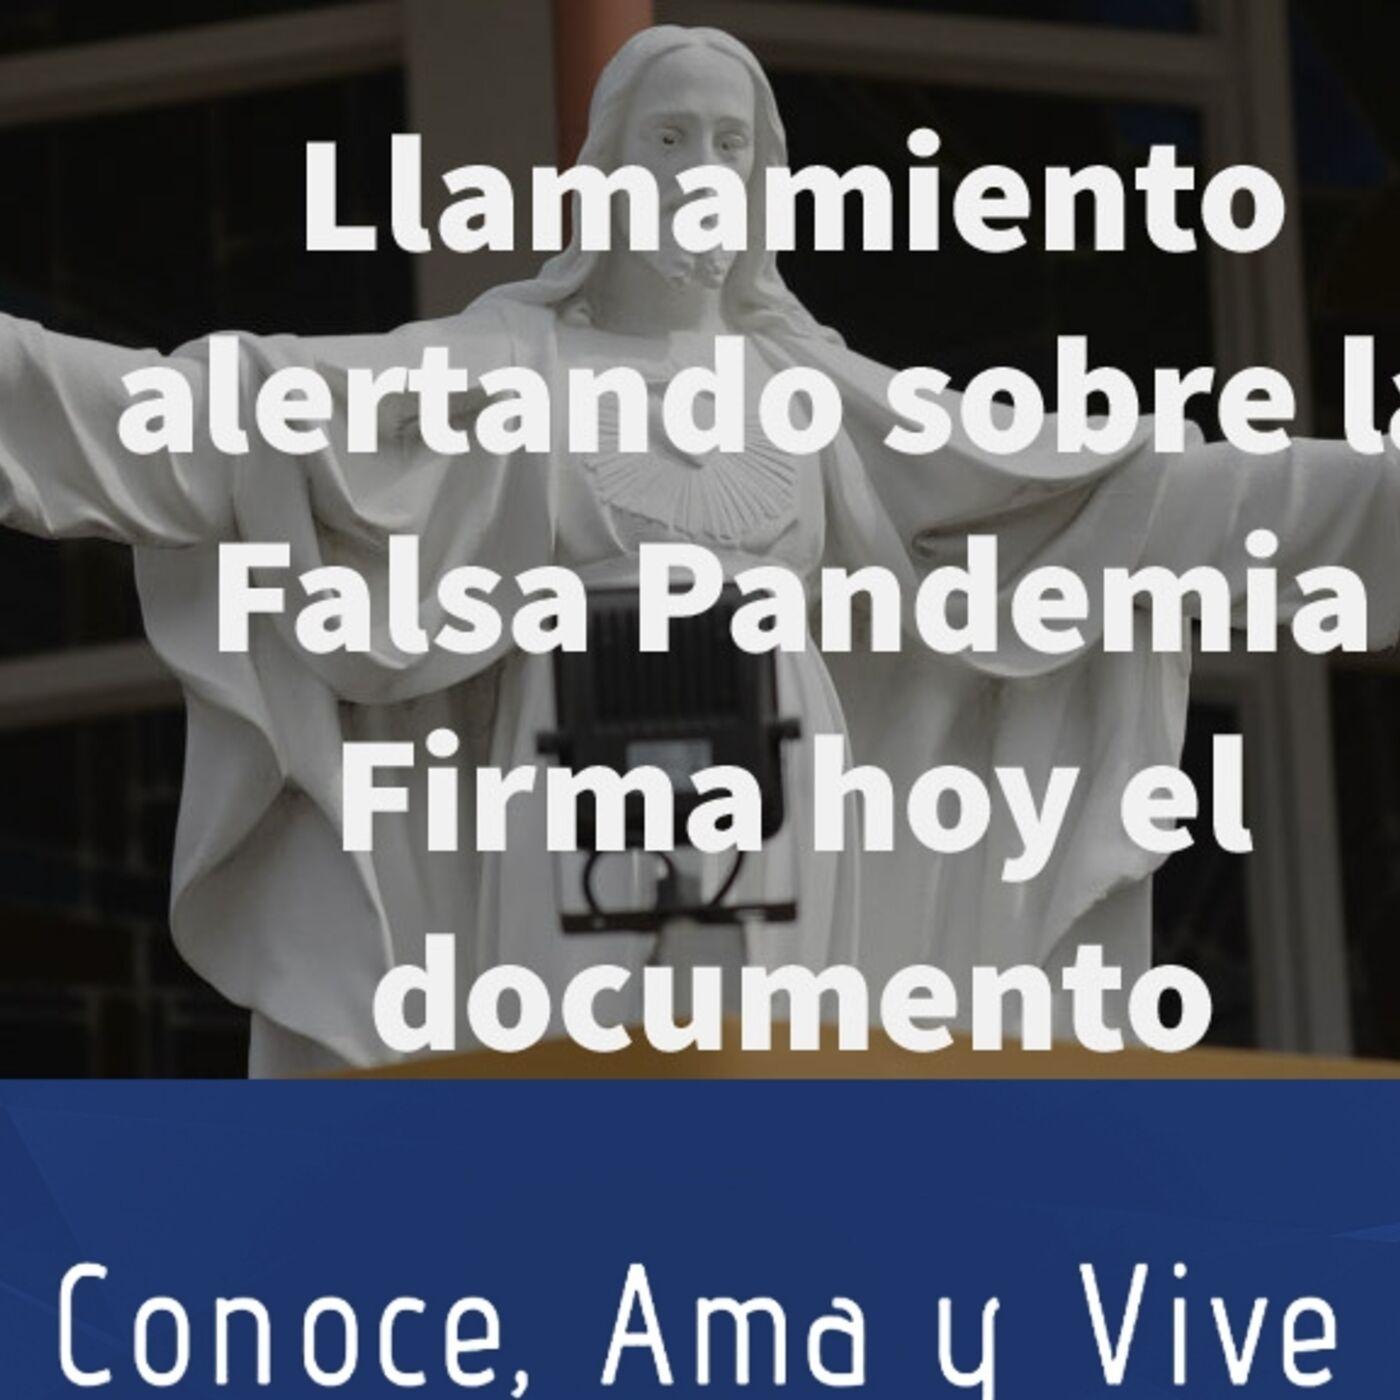 Episodio 256: ✝️ Llamamiento alertando sobre la falsa de la Pandemia 🙏 Firma el documento hoy 🛐